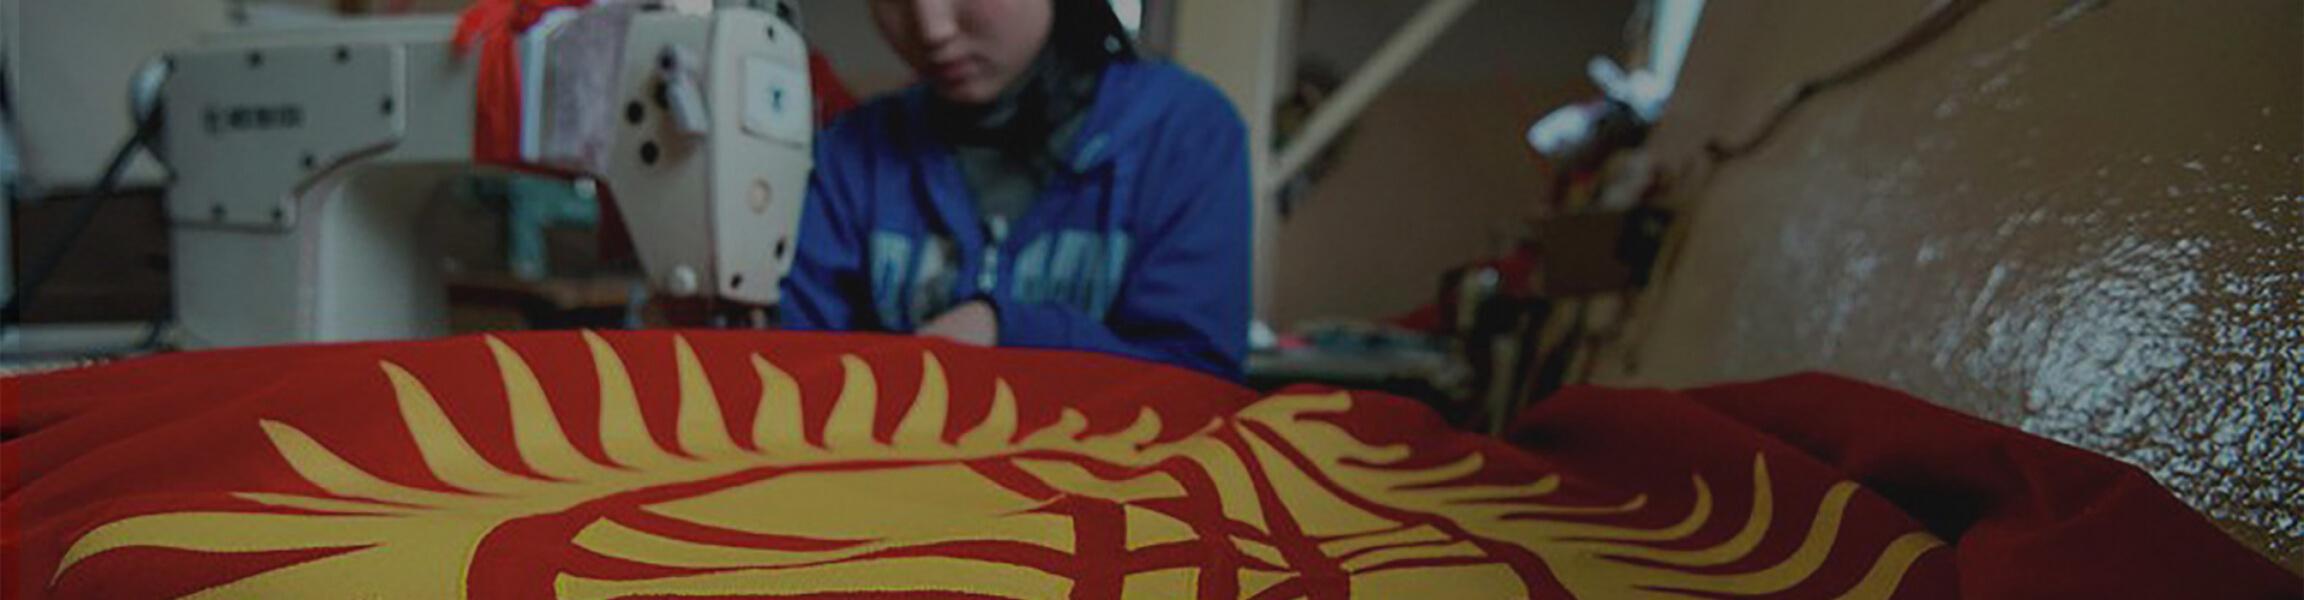 Для импортеров | Продвижение и защита инвестиций в Кыргызстане